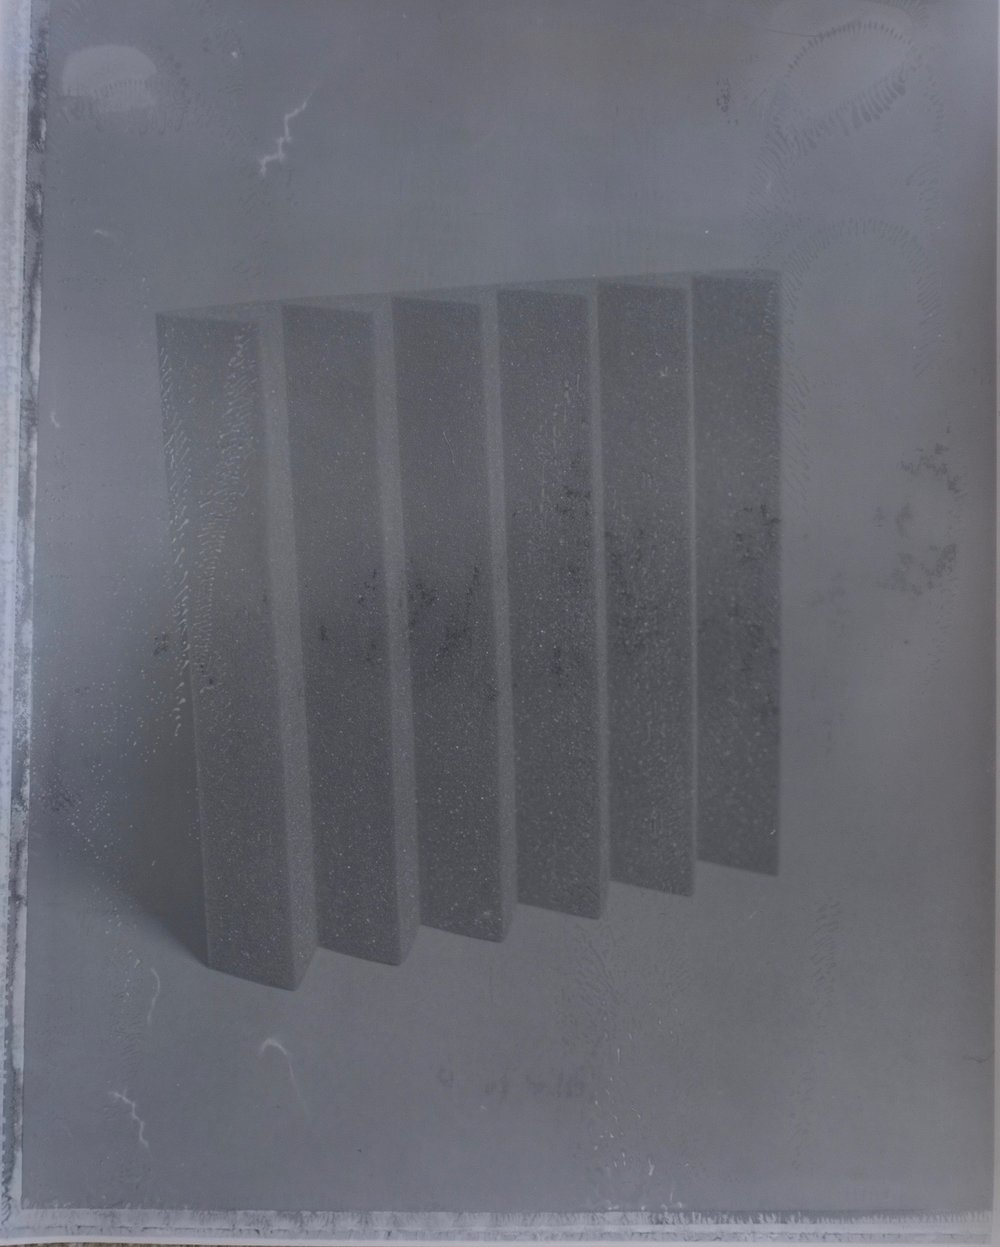 DSCF1618.jpg